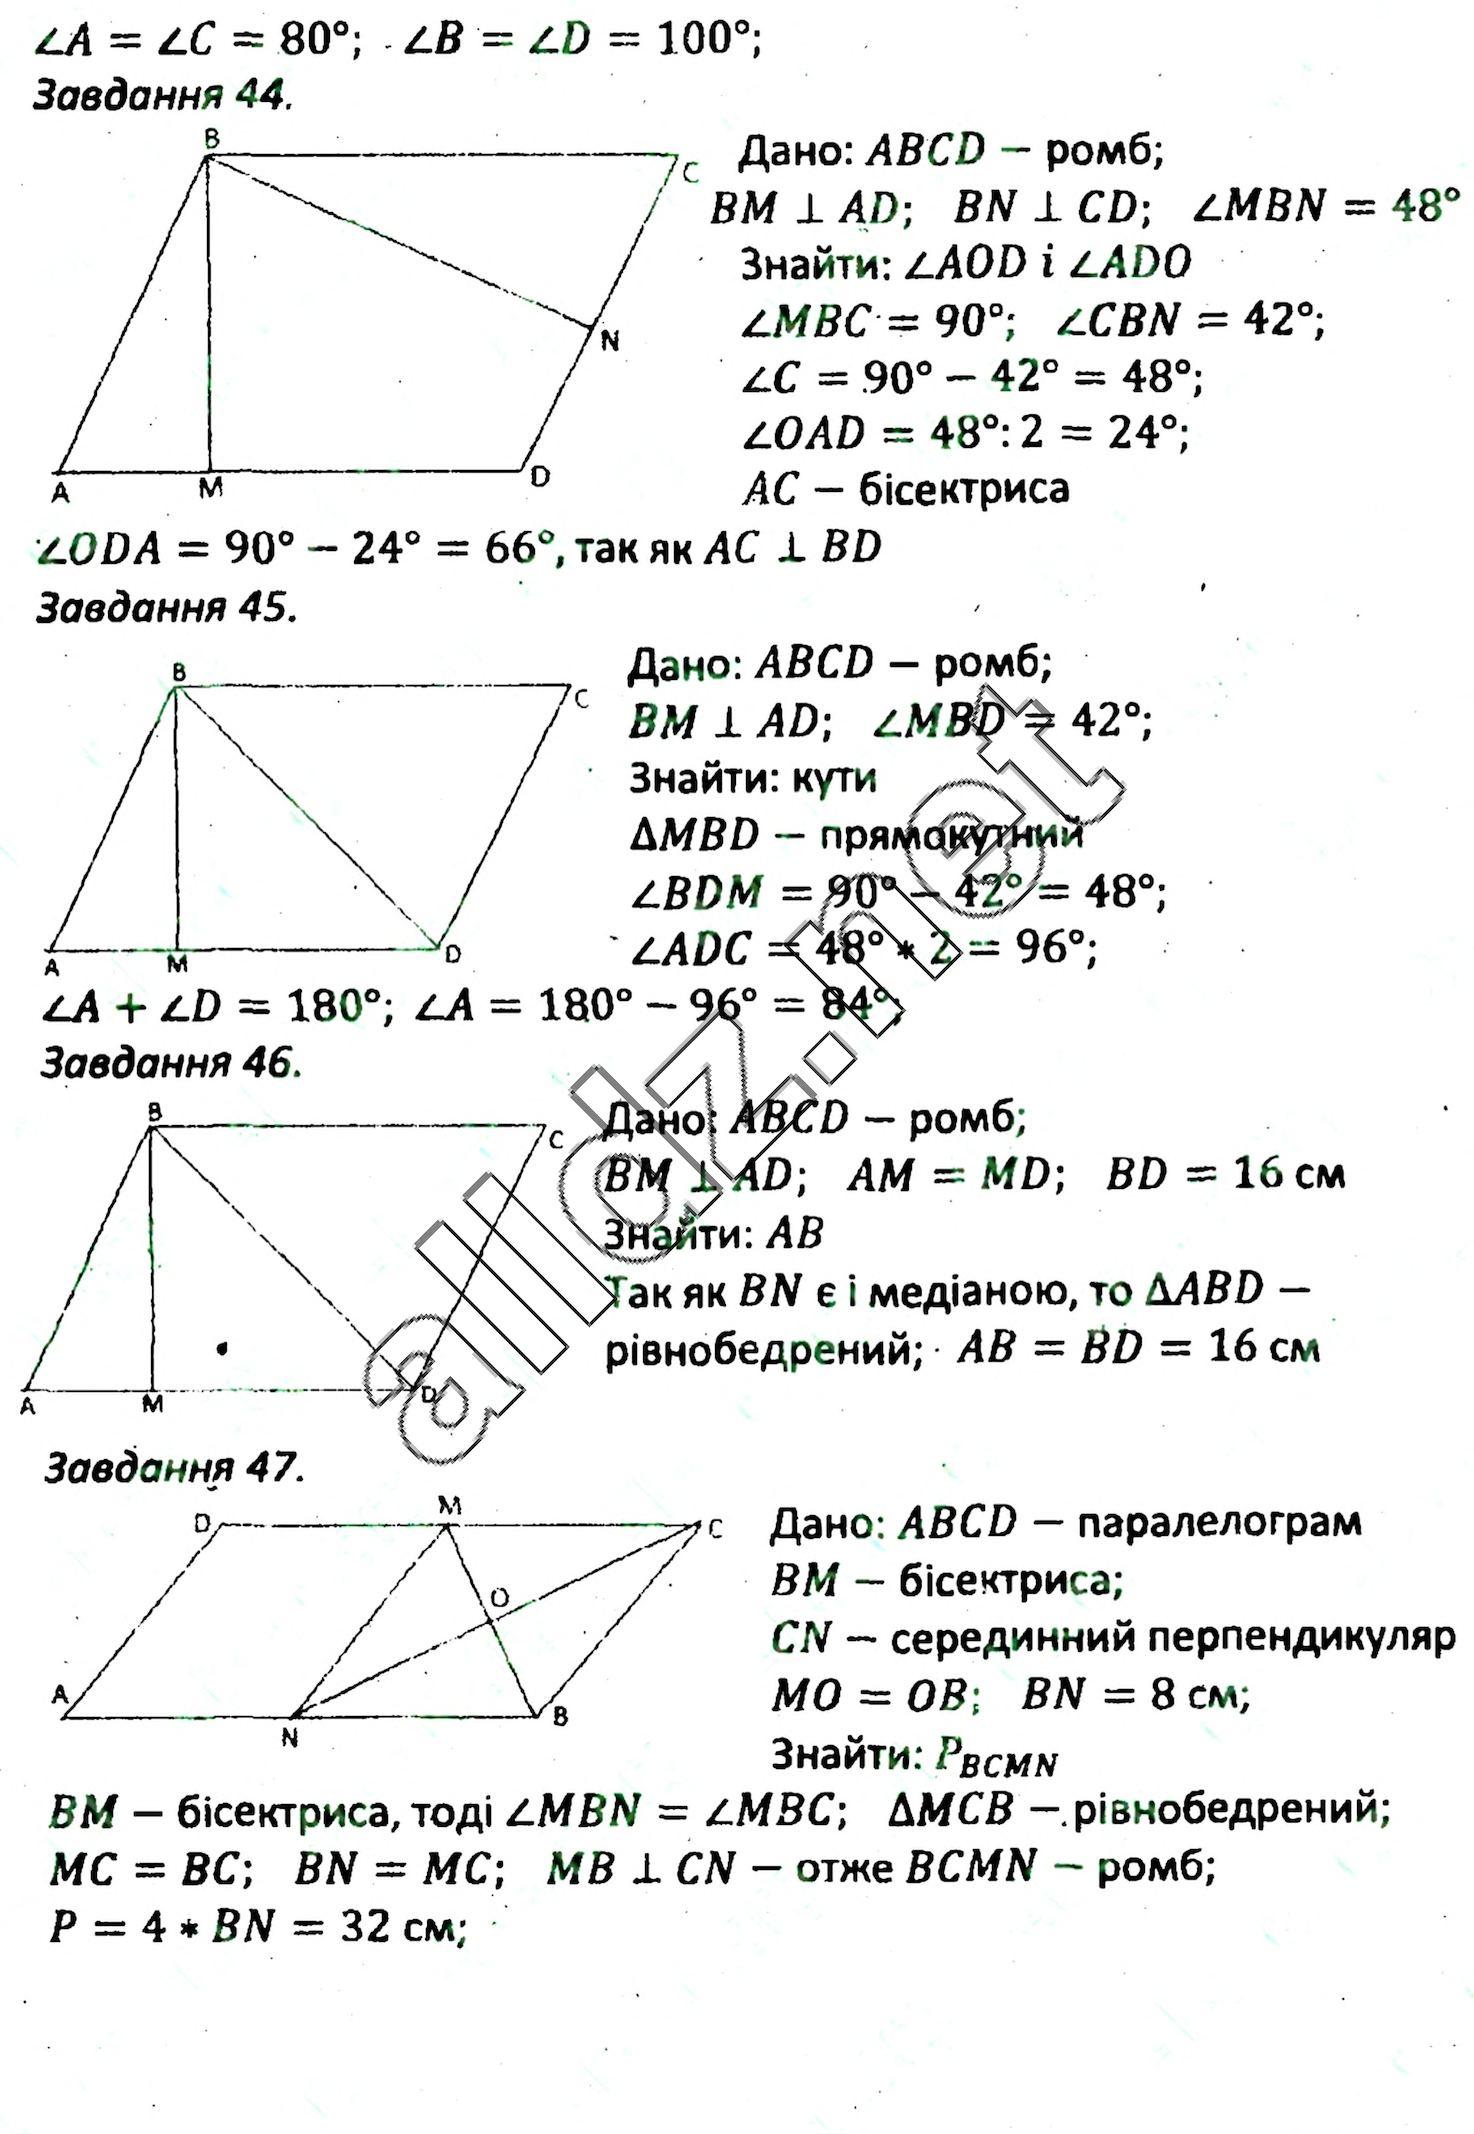 Збірник геометрія 8 клас мерзляк 2019 гдз збірник